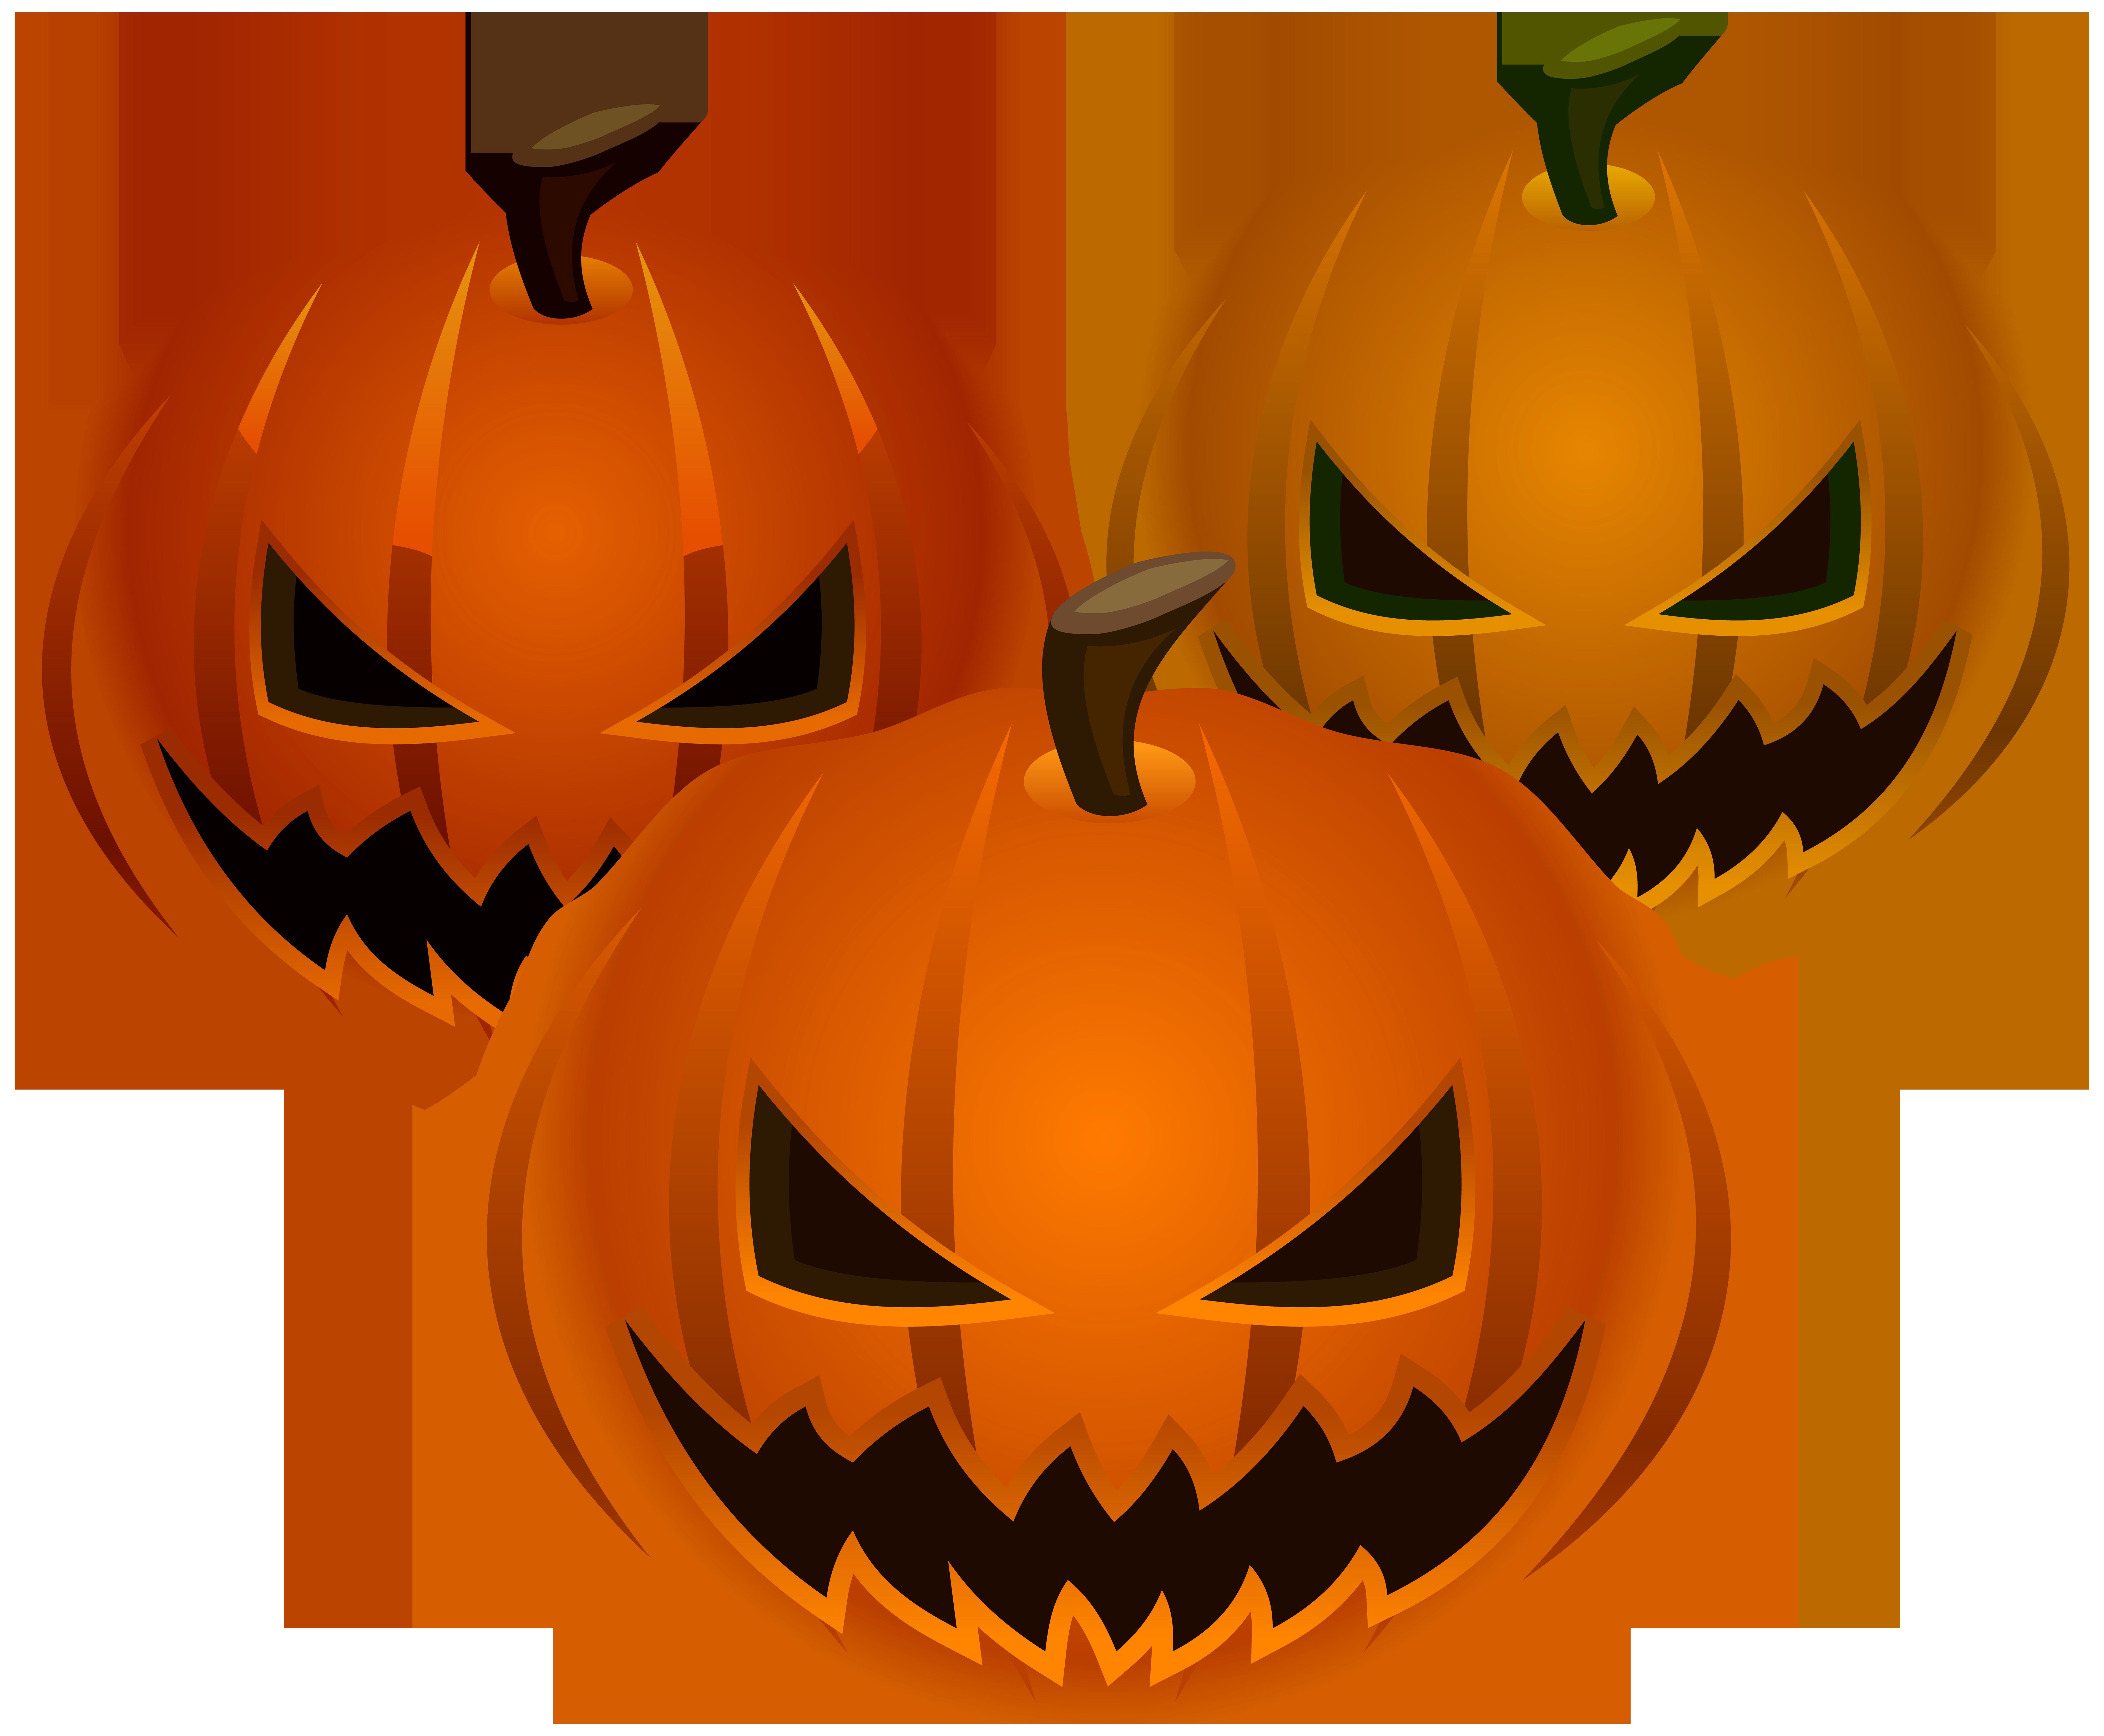 Lantern clipart winter. Halloween pumpkins png clip